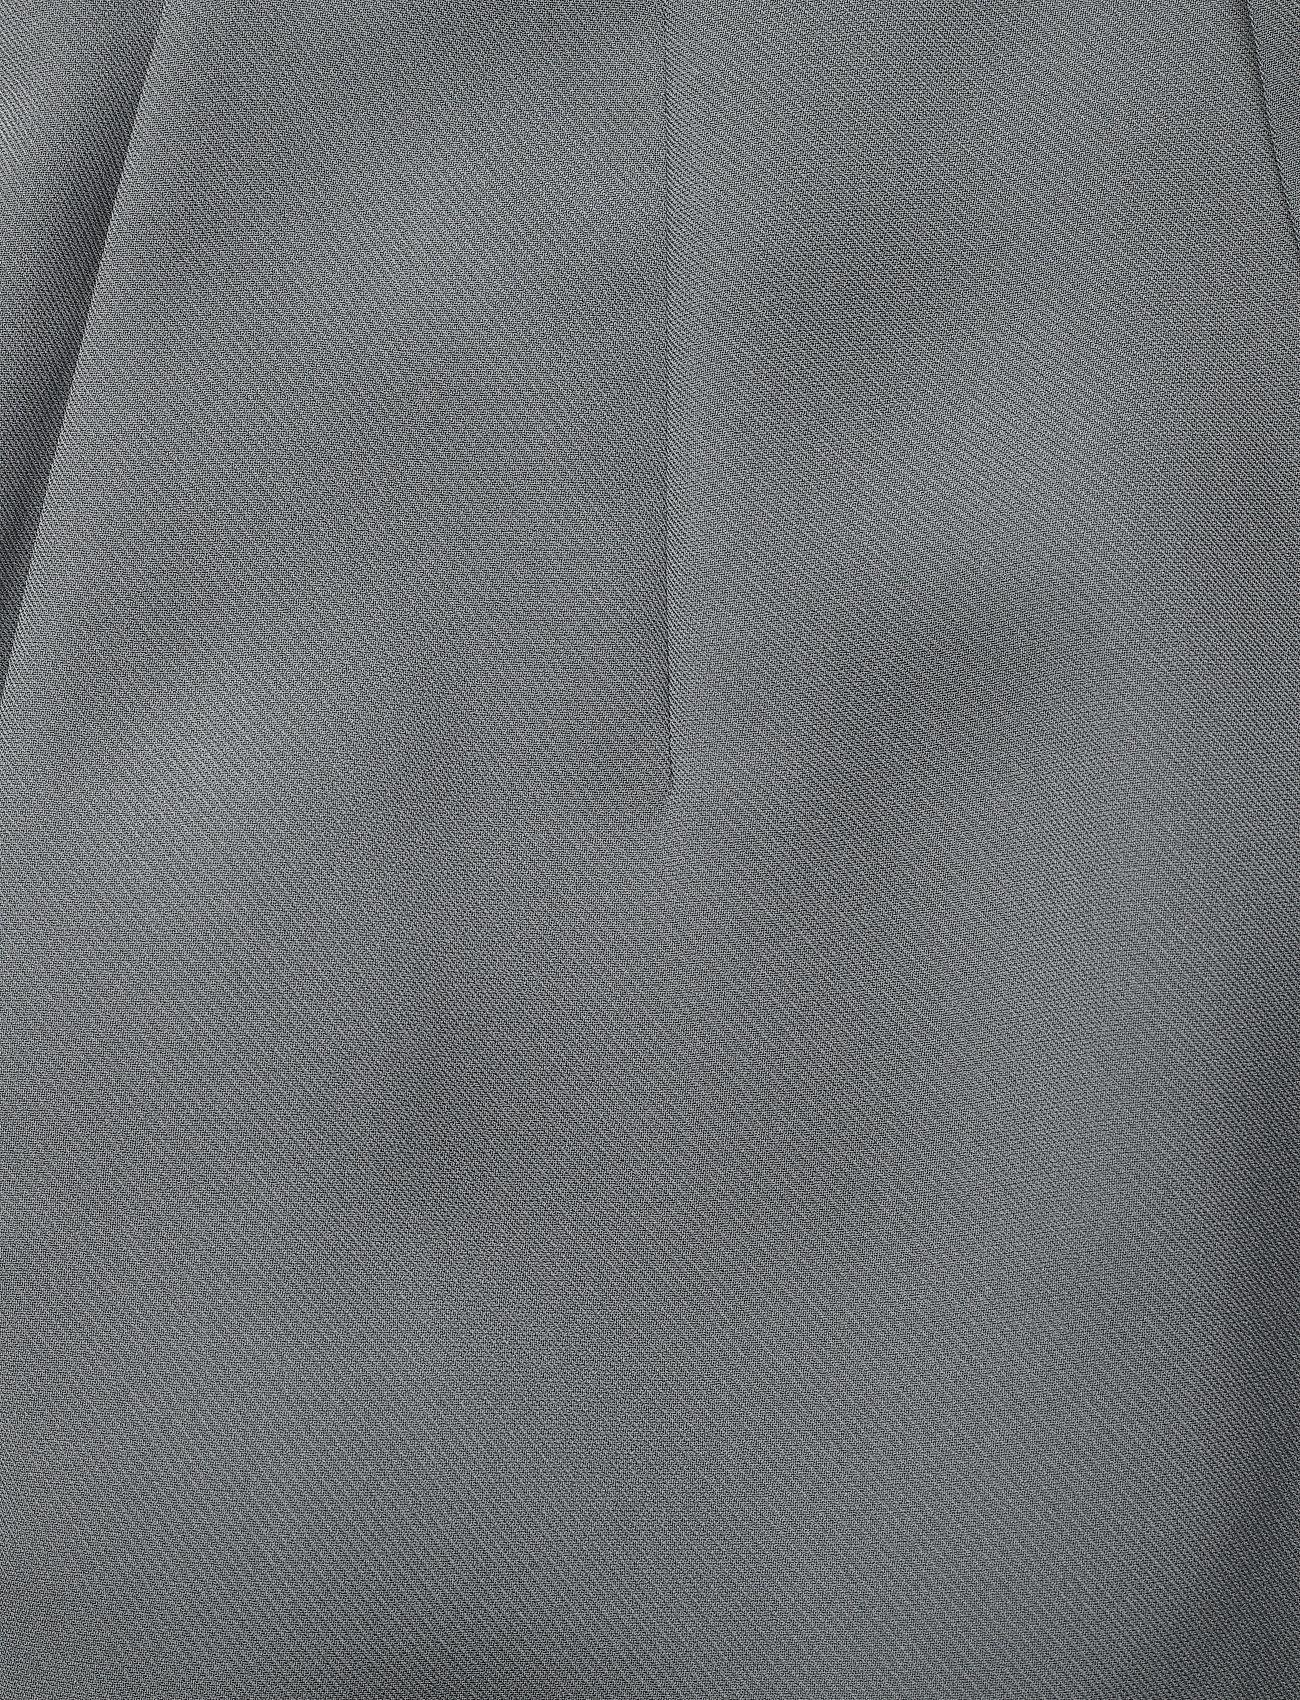 Totême ARLES - Broeken SHADOW 370